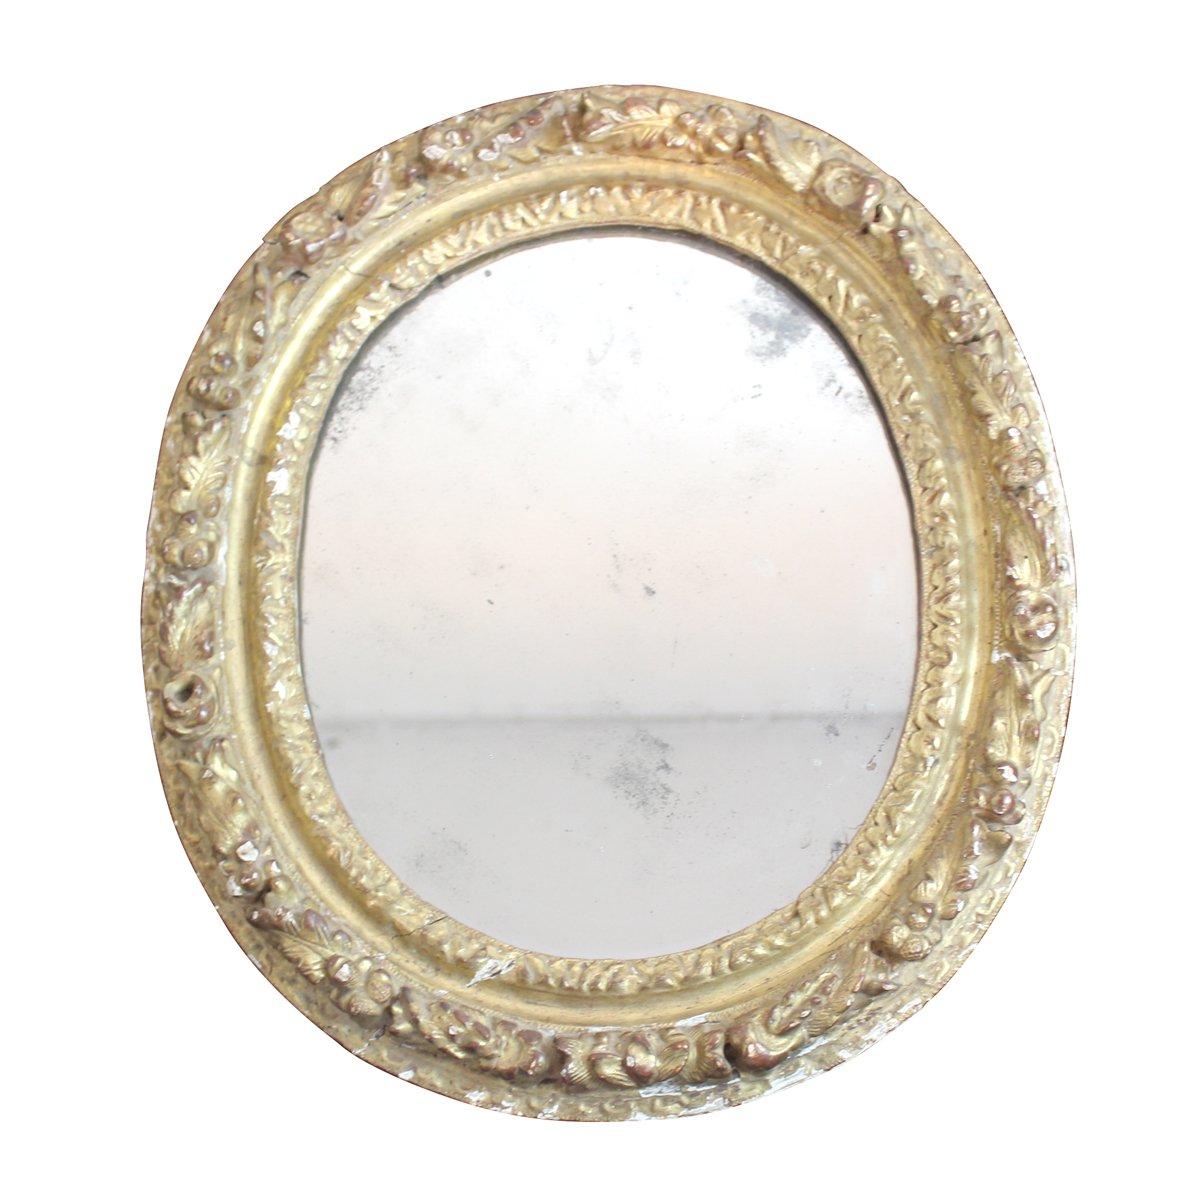 antiker spiegel mit rahmen aus geschnitzem holz mit stuck. Black Bedroom Furniture Sets. Home Design Ideas